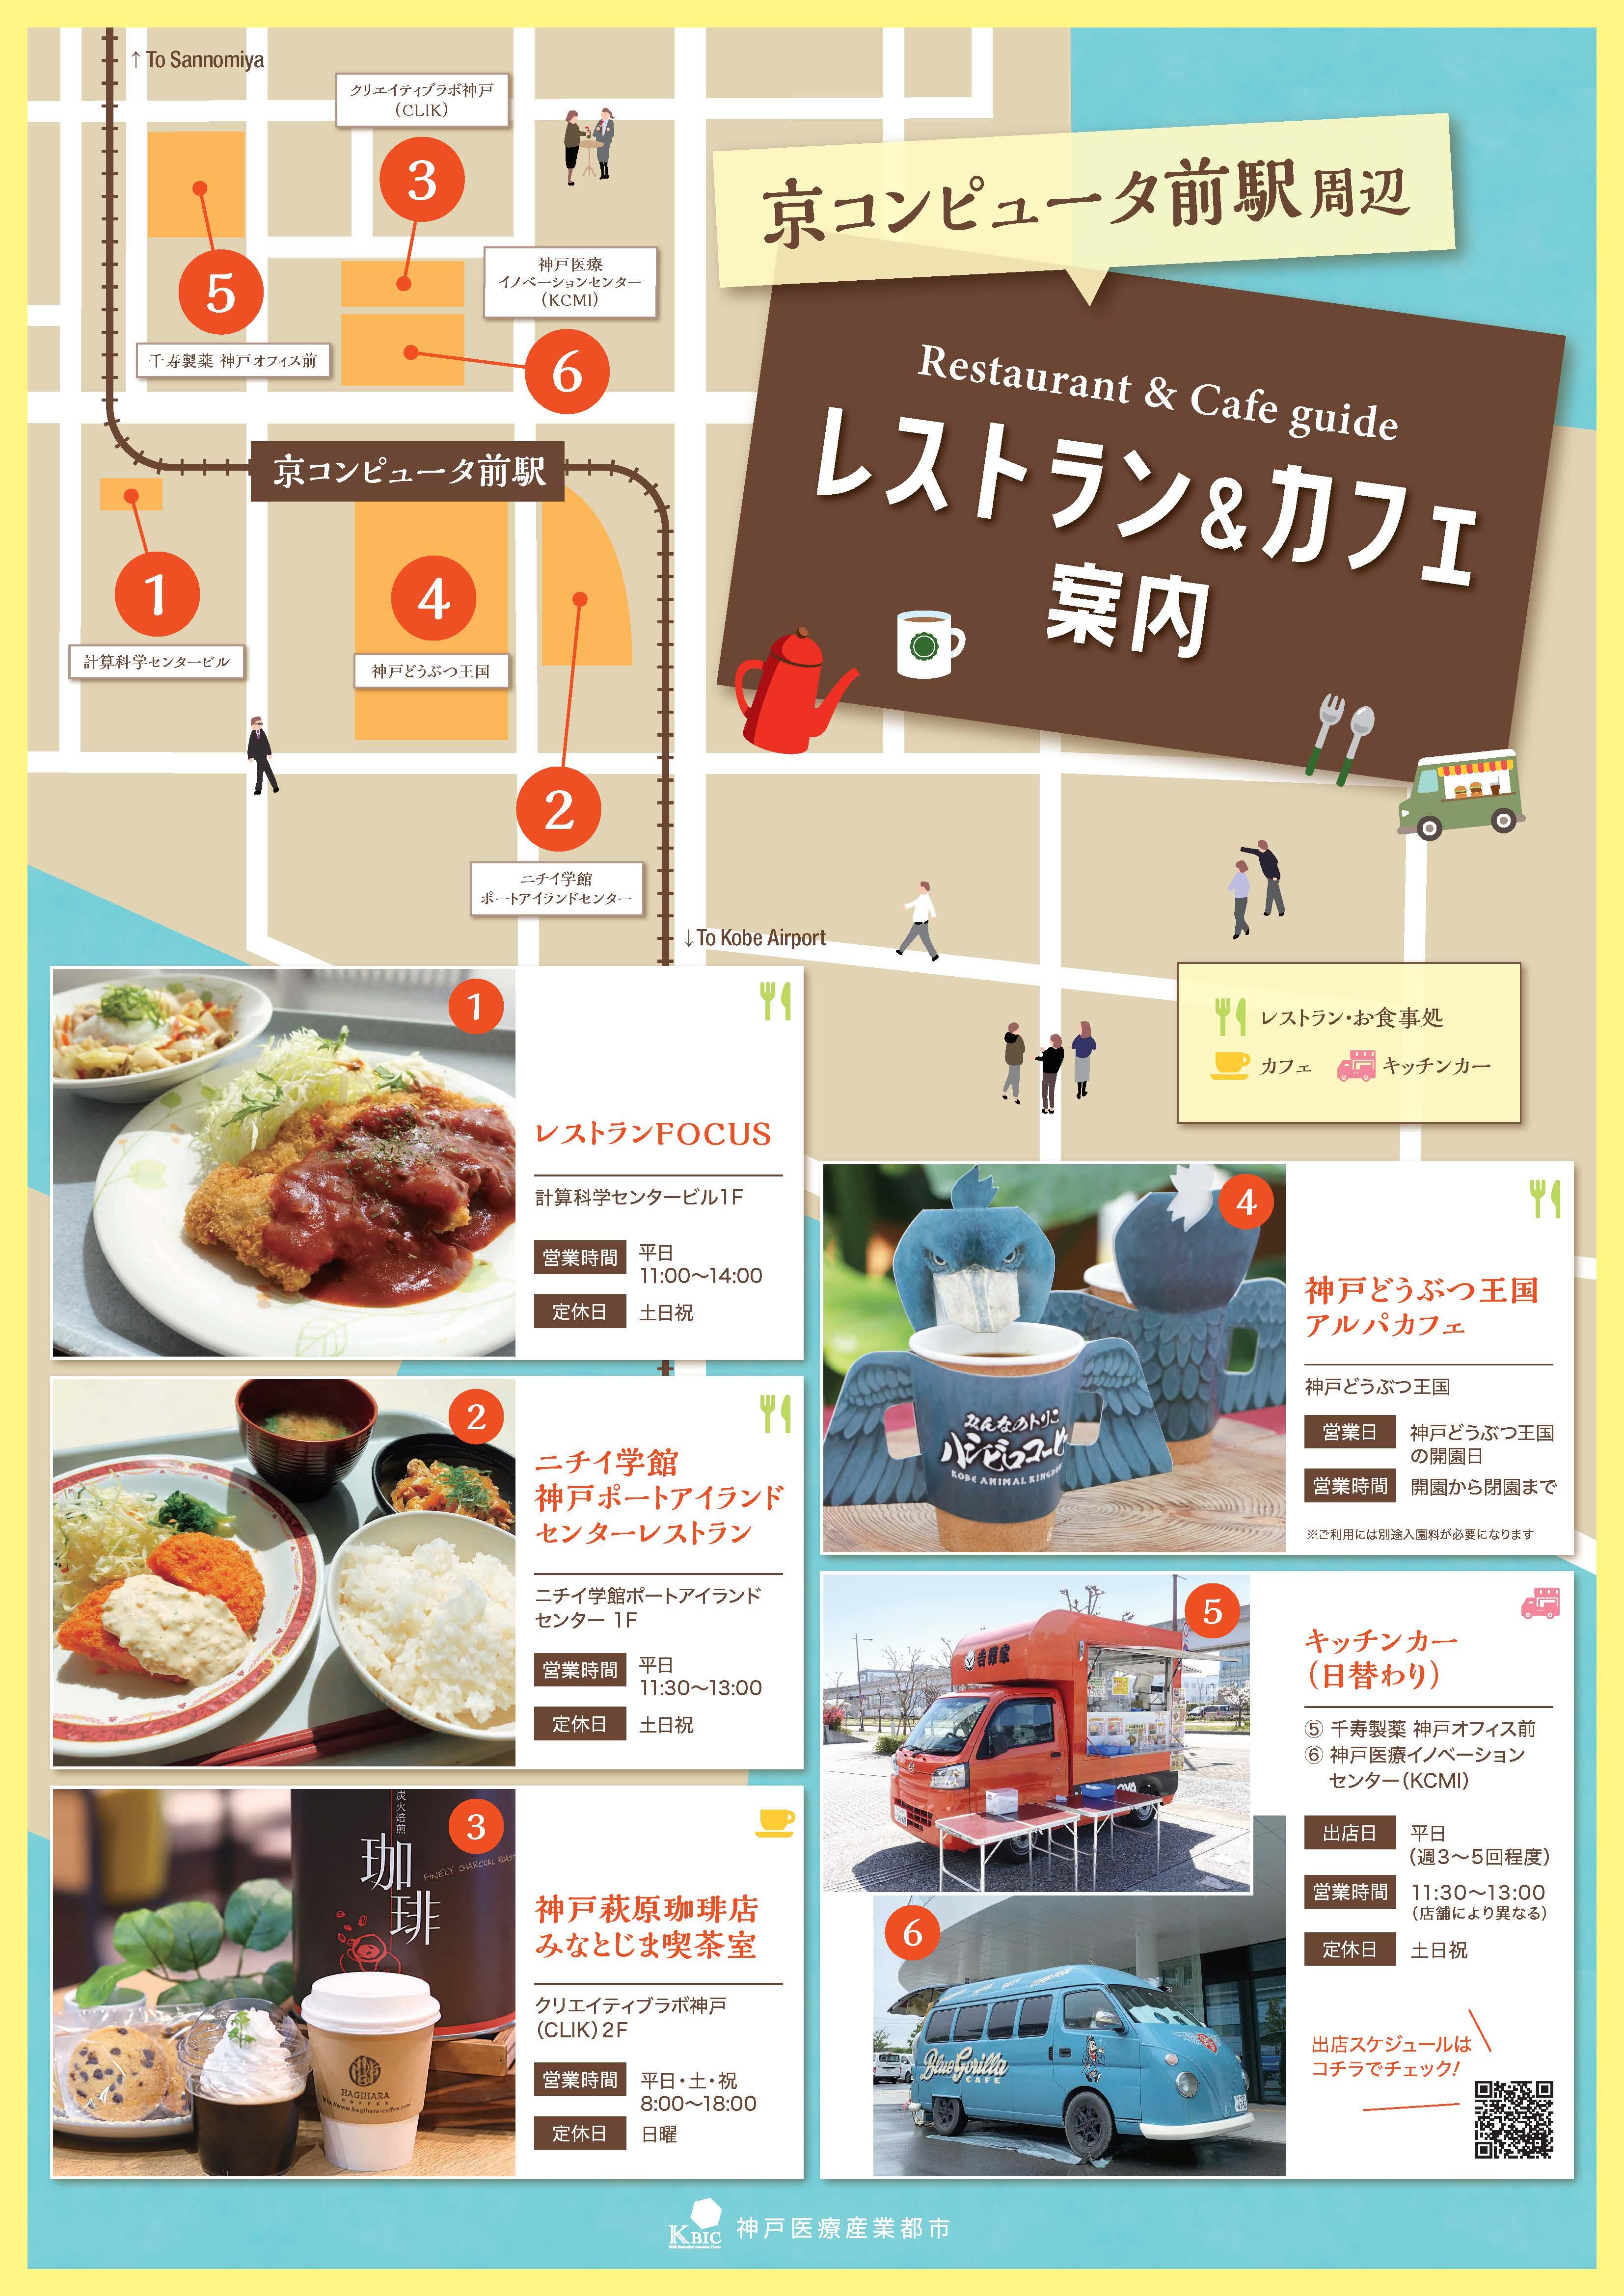 京コンピュータ前駅